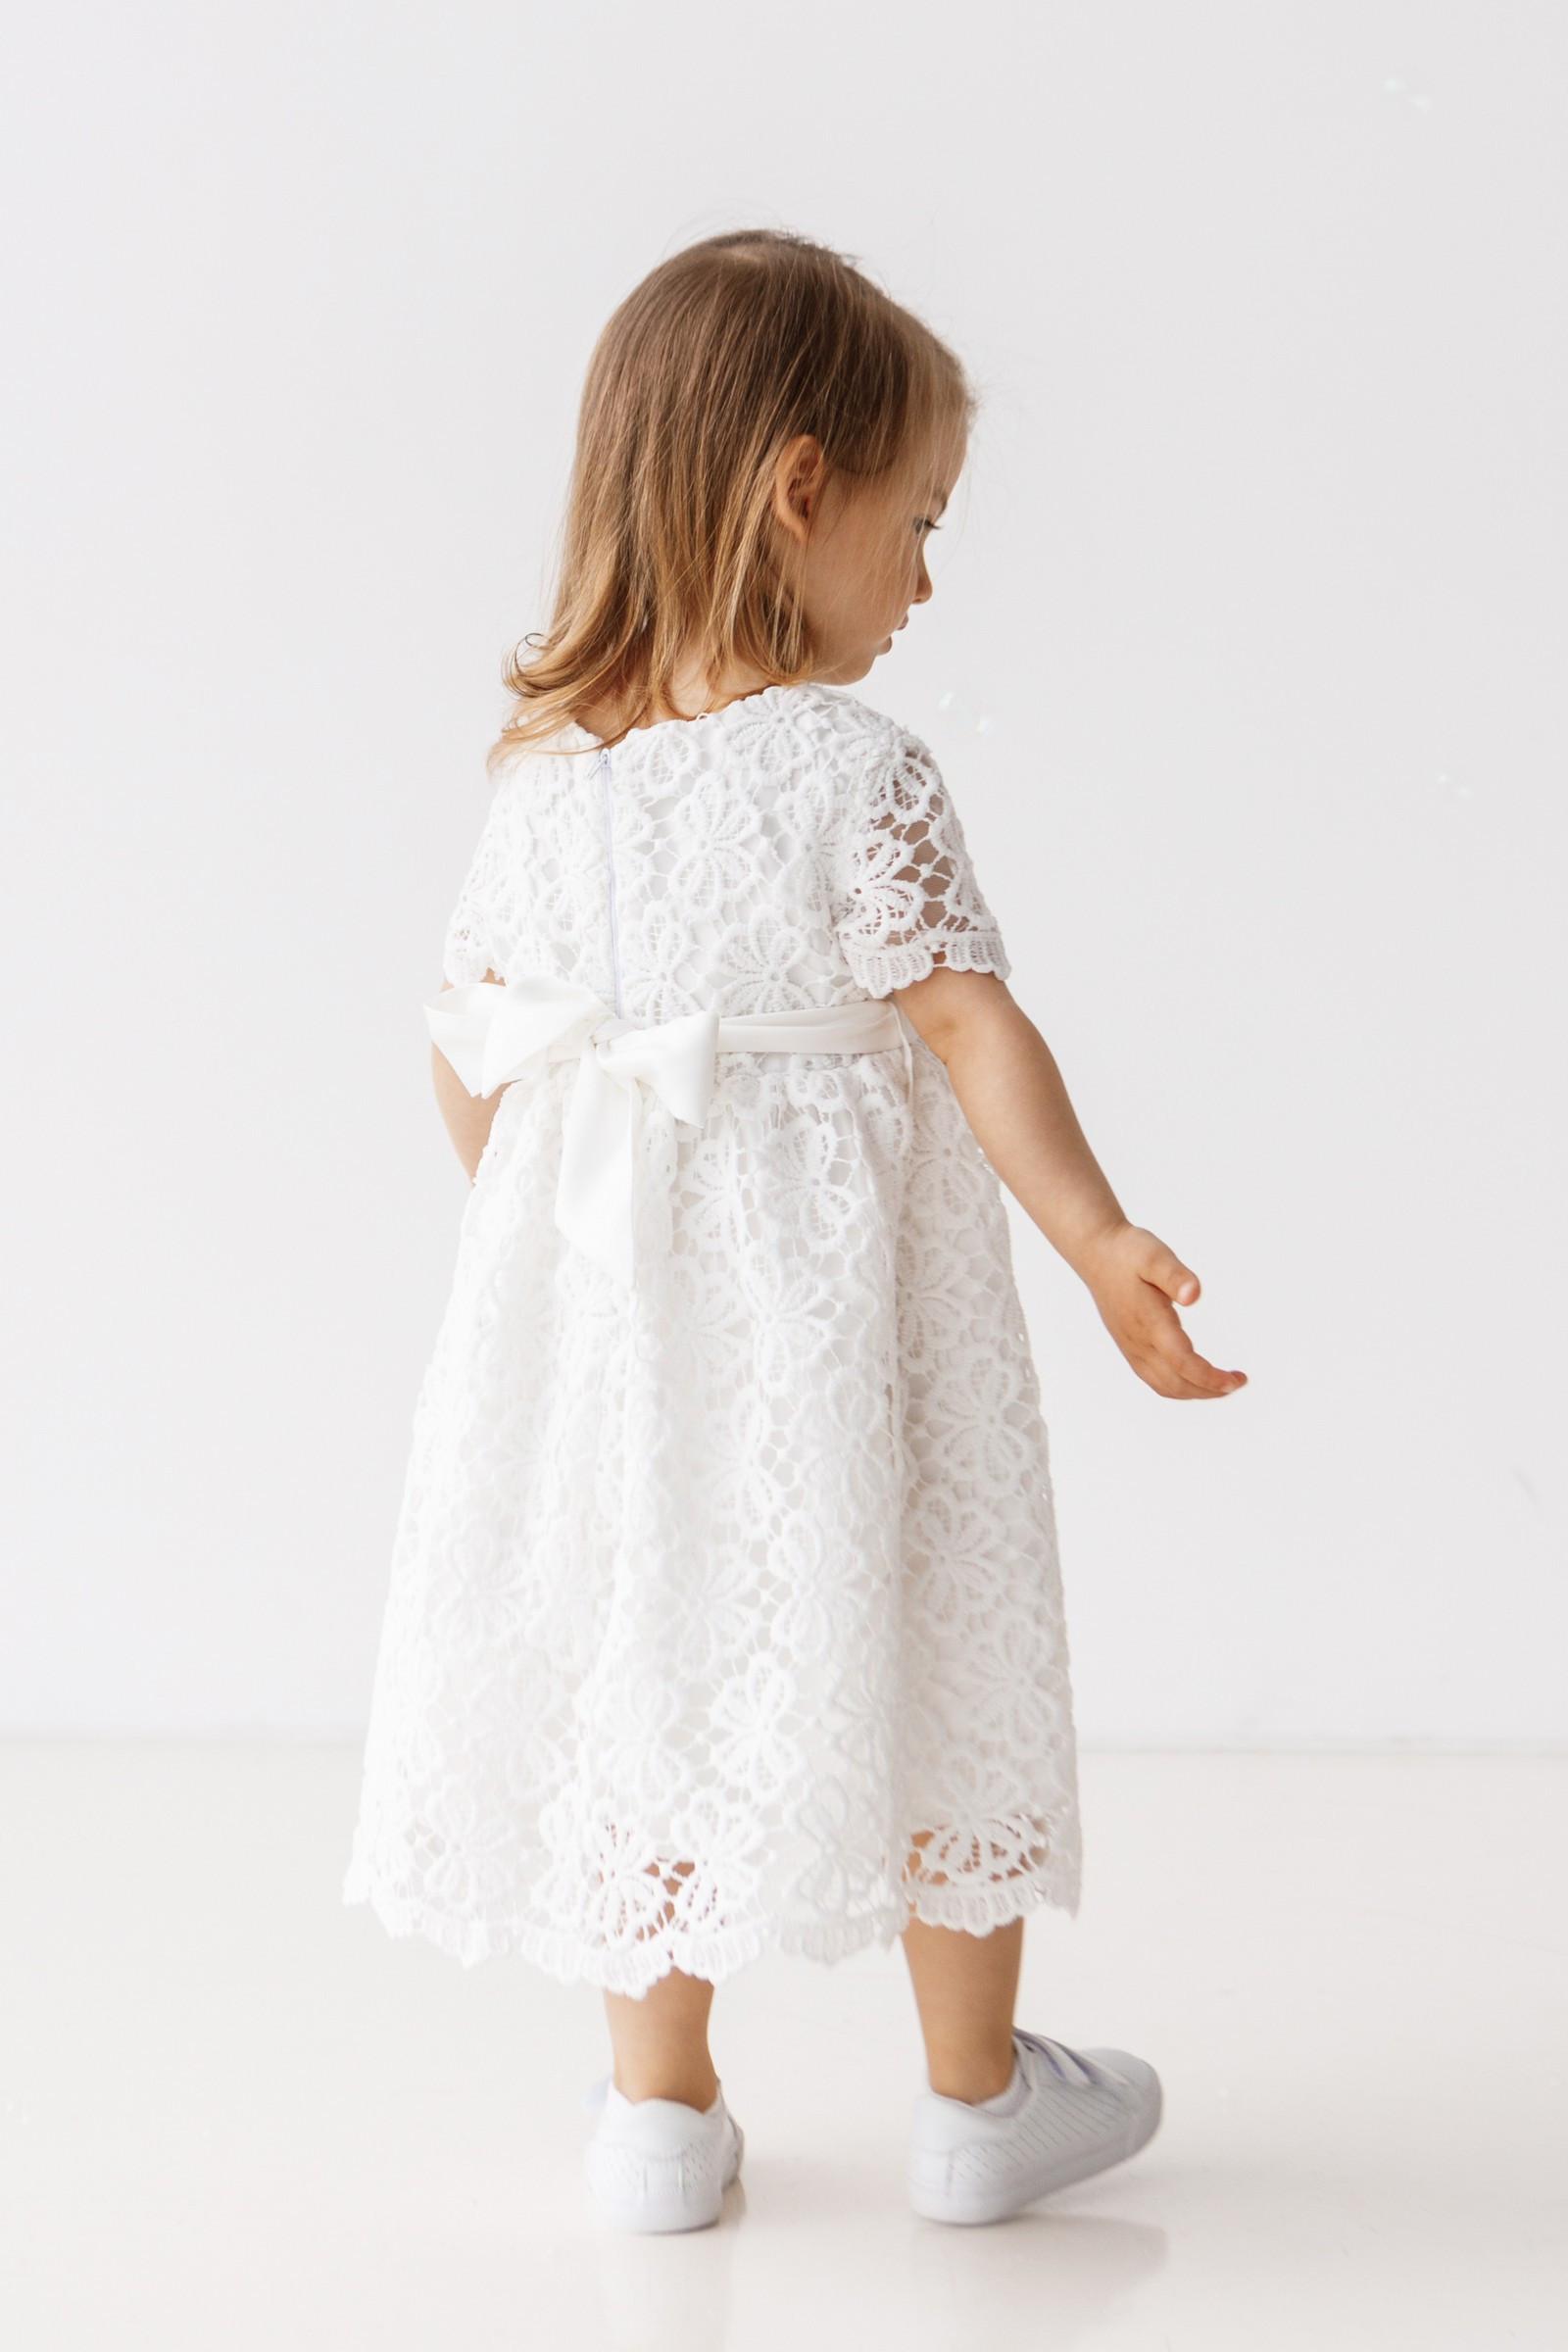 Плаття Келлі, фото №3